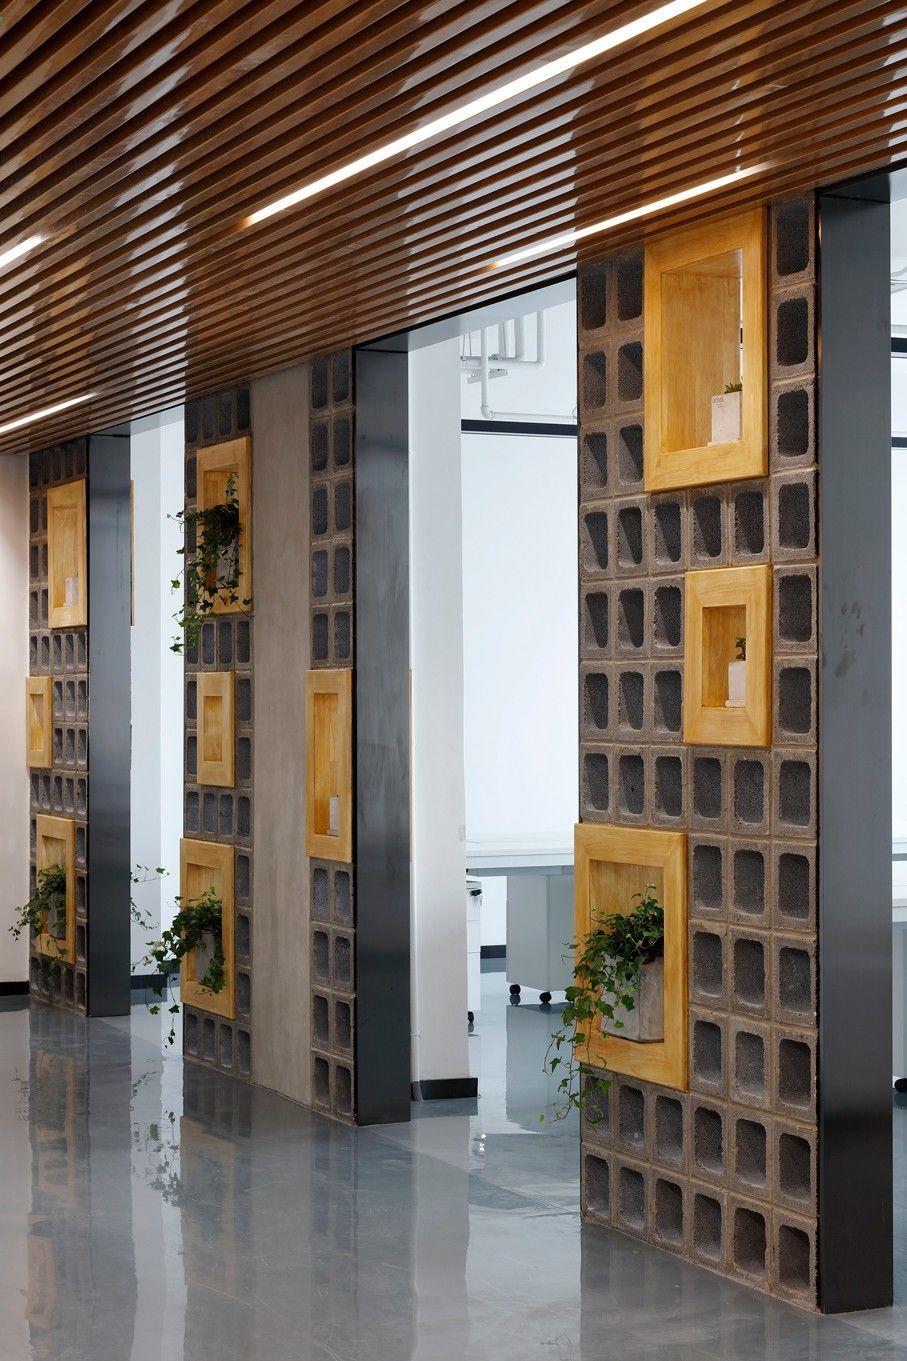 北京 KEEP 总部办公空间 FIVE SENSE 设计事务所